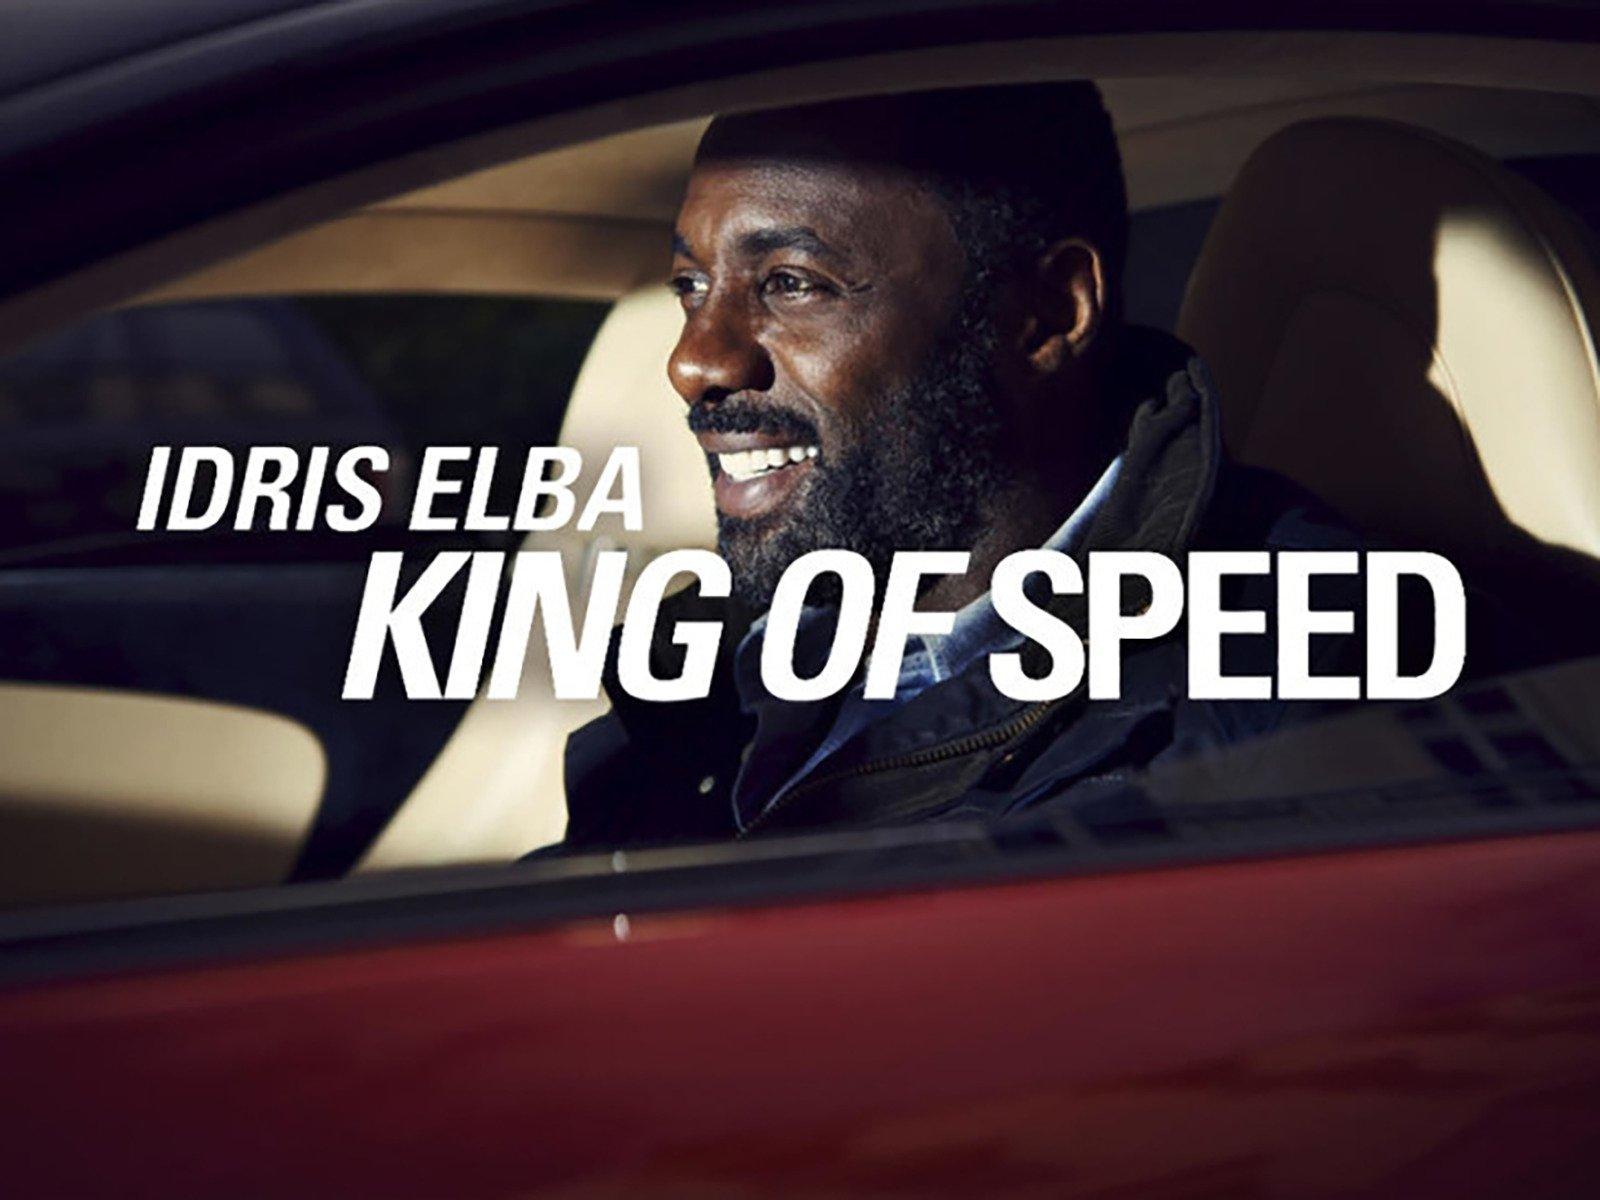 Idris Elba: King of Speed - Season 1